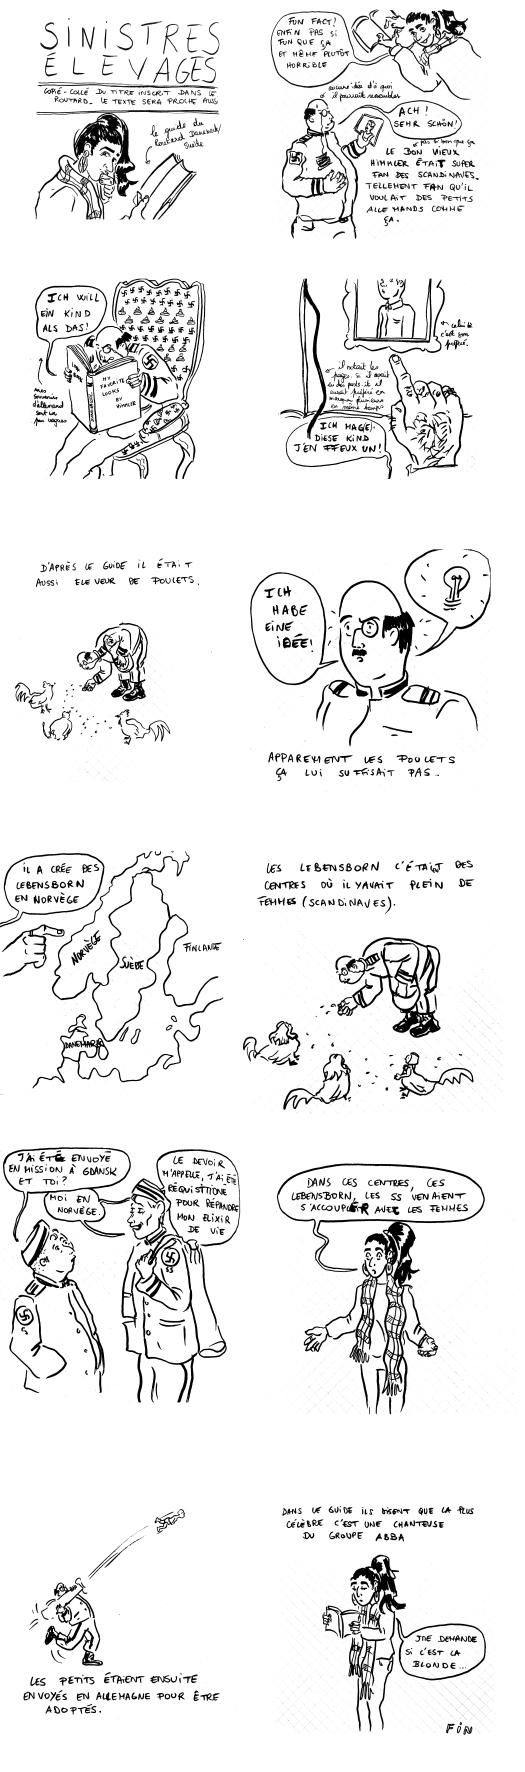 Sinistres élevages - YaK version corrigée